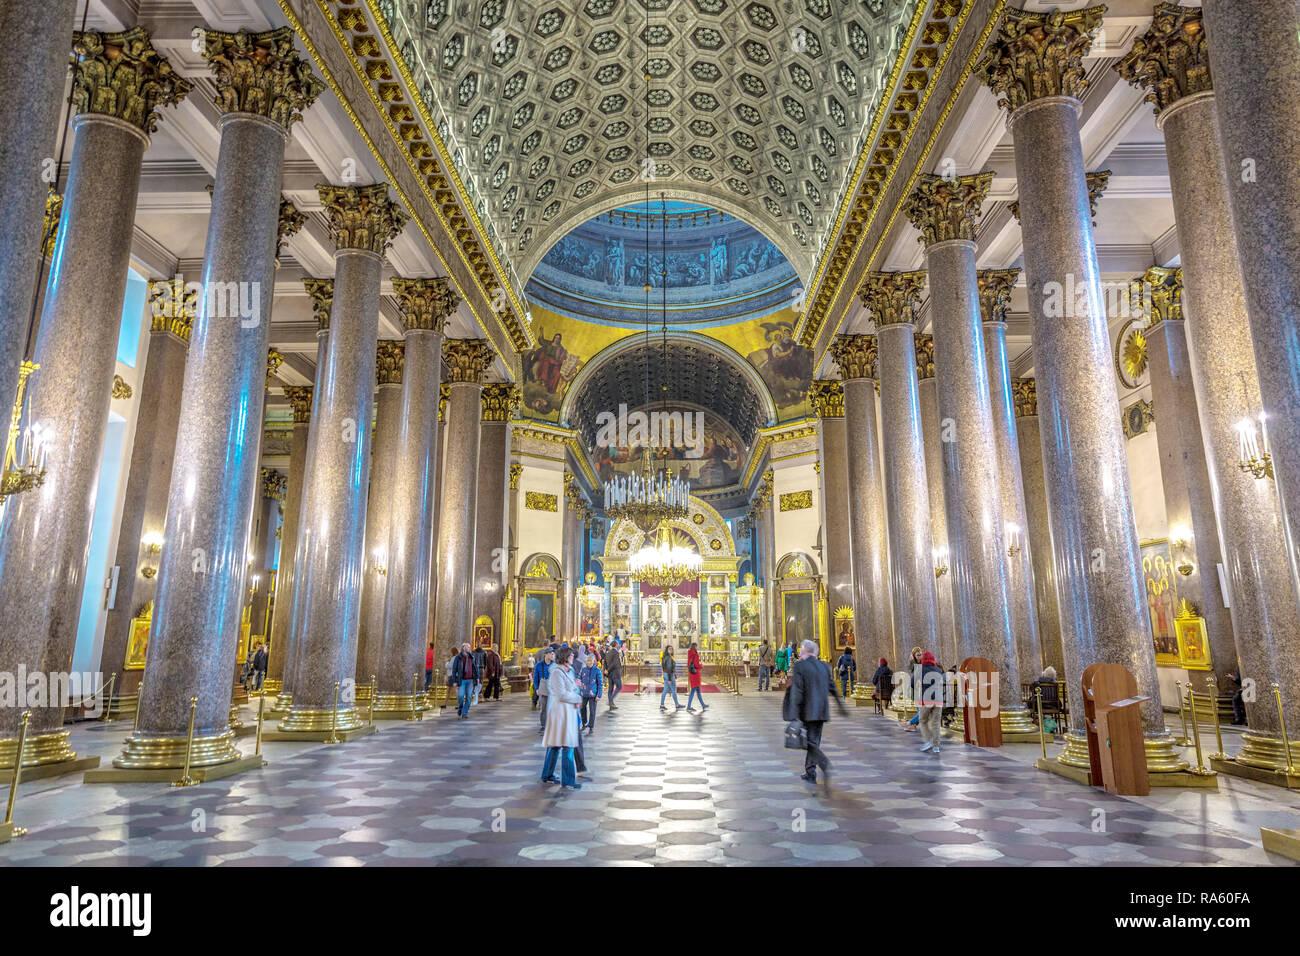 Saint Petersburg, Russie - 8 juin 2018 - grand groupe de personnes faisant la queue à l'intérieur d'une église orthodoxe à Saint-Pétersbourg en Russie Banque D'Images